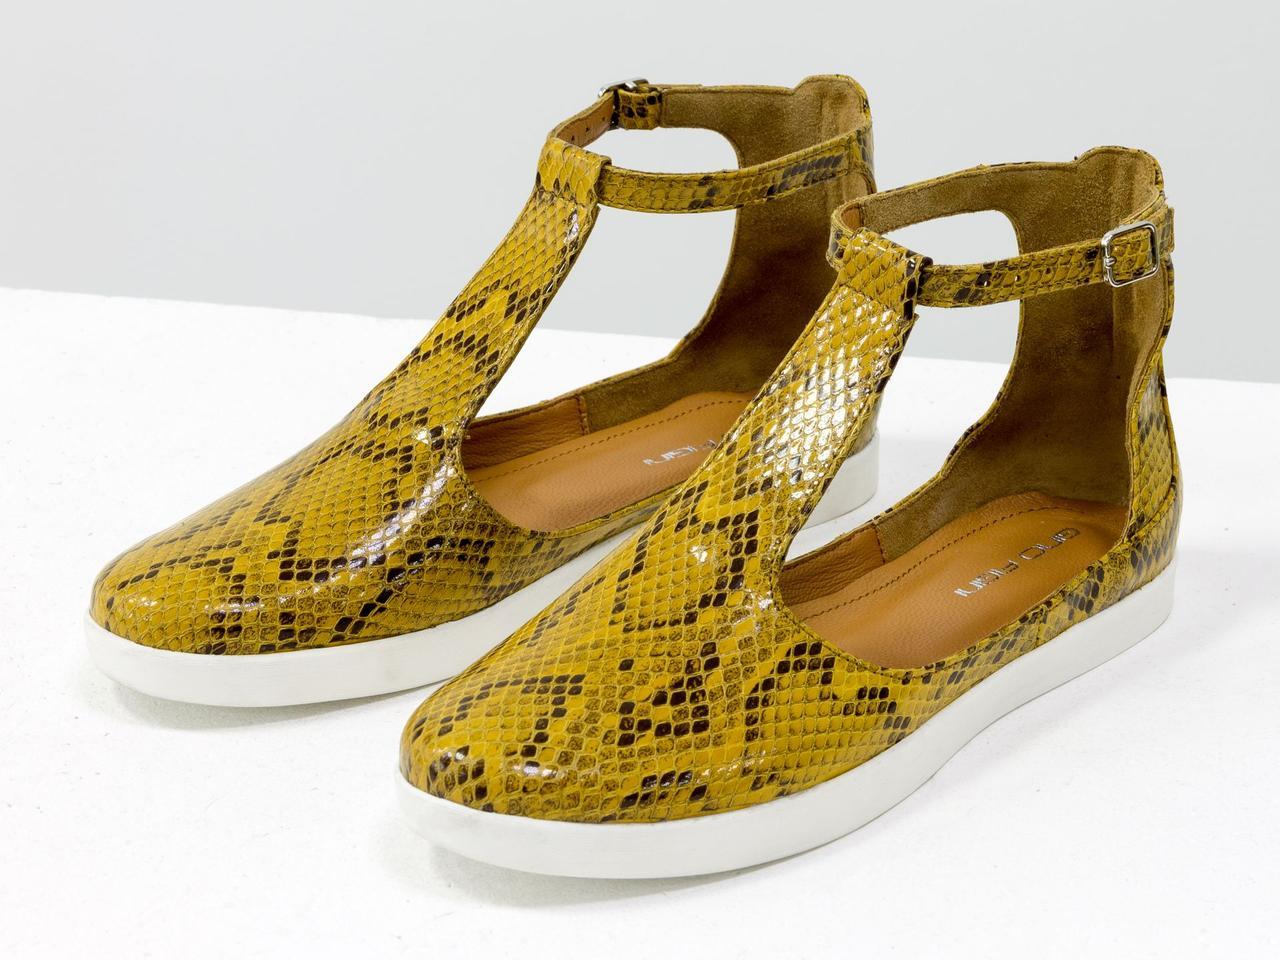 Удобные и легкие летние туфли в из эксклюзивной натуральной итальянской кожи горчичного цвета